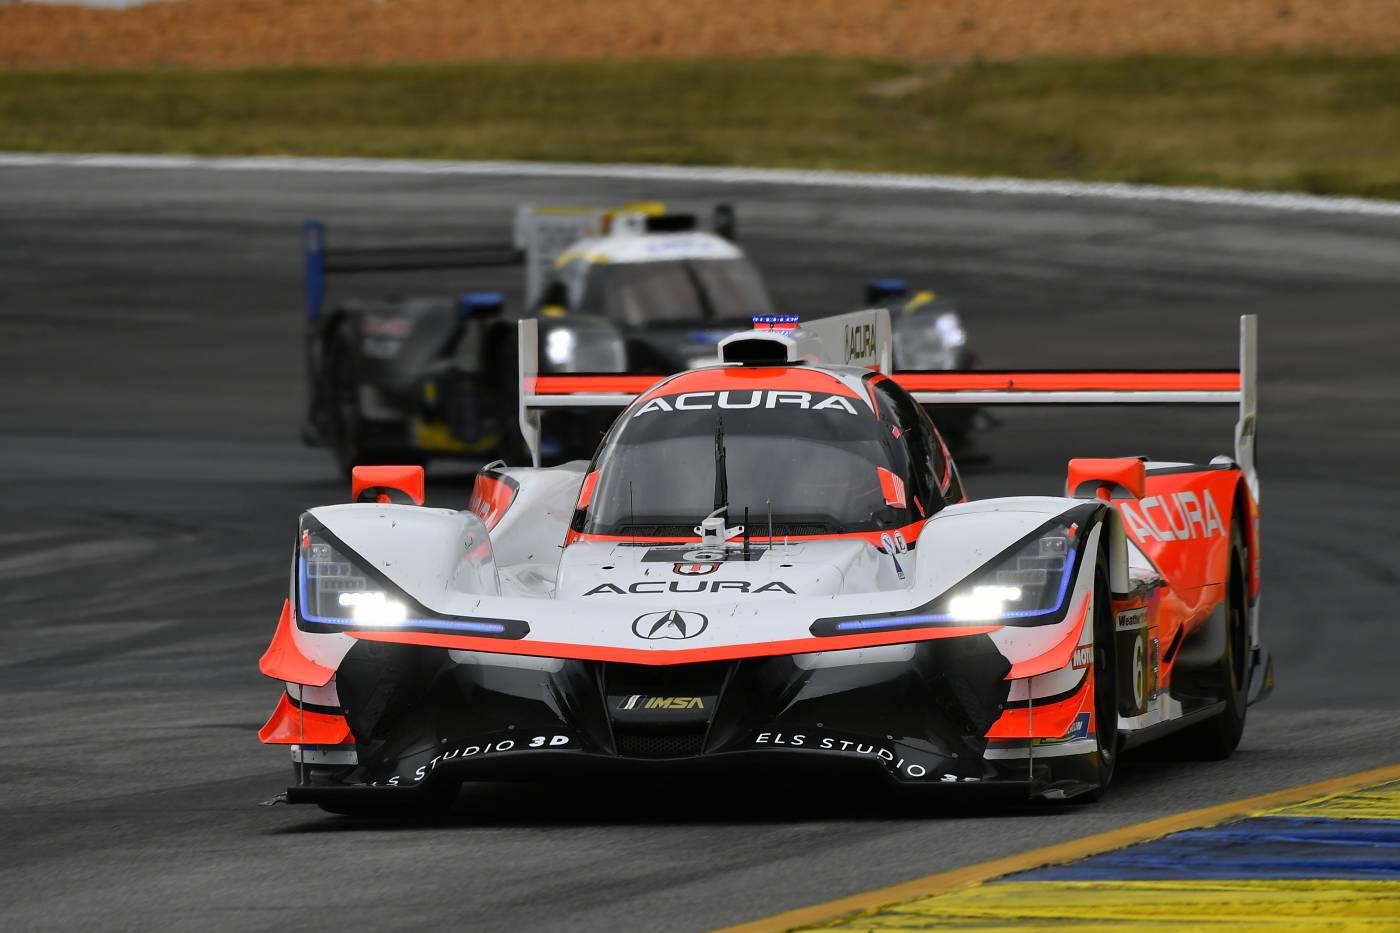 ORECA proud to contribute to Team Penske's success